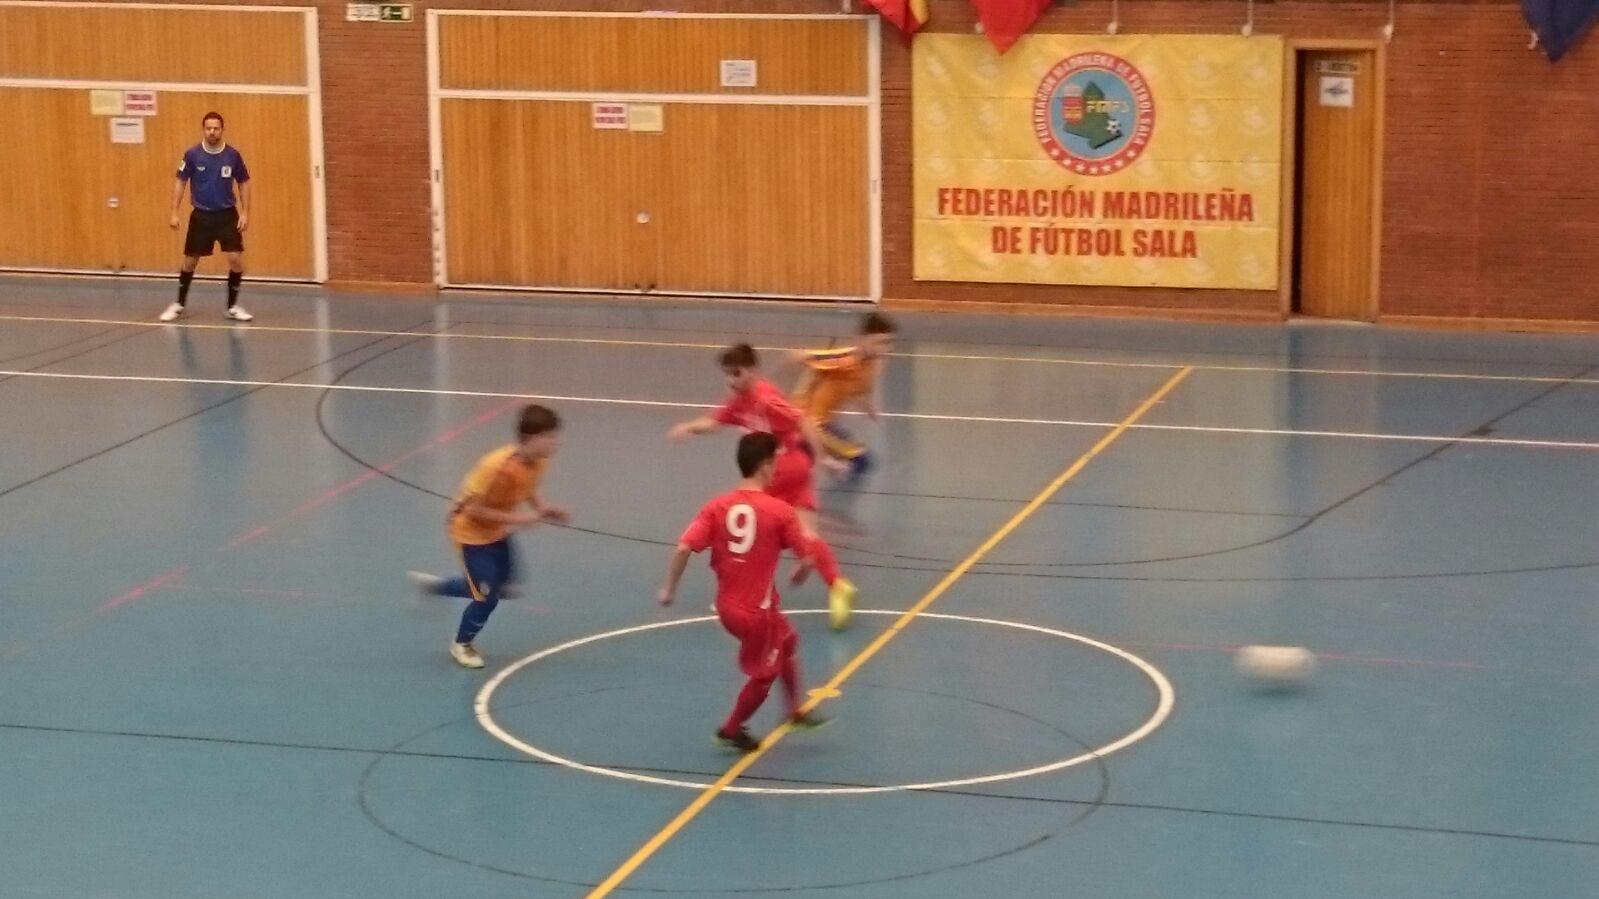 Nuevo entrenamiento para la selecci n infantil de f tbol for Federacion de futbol sala